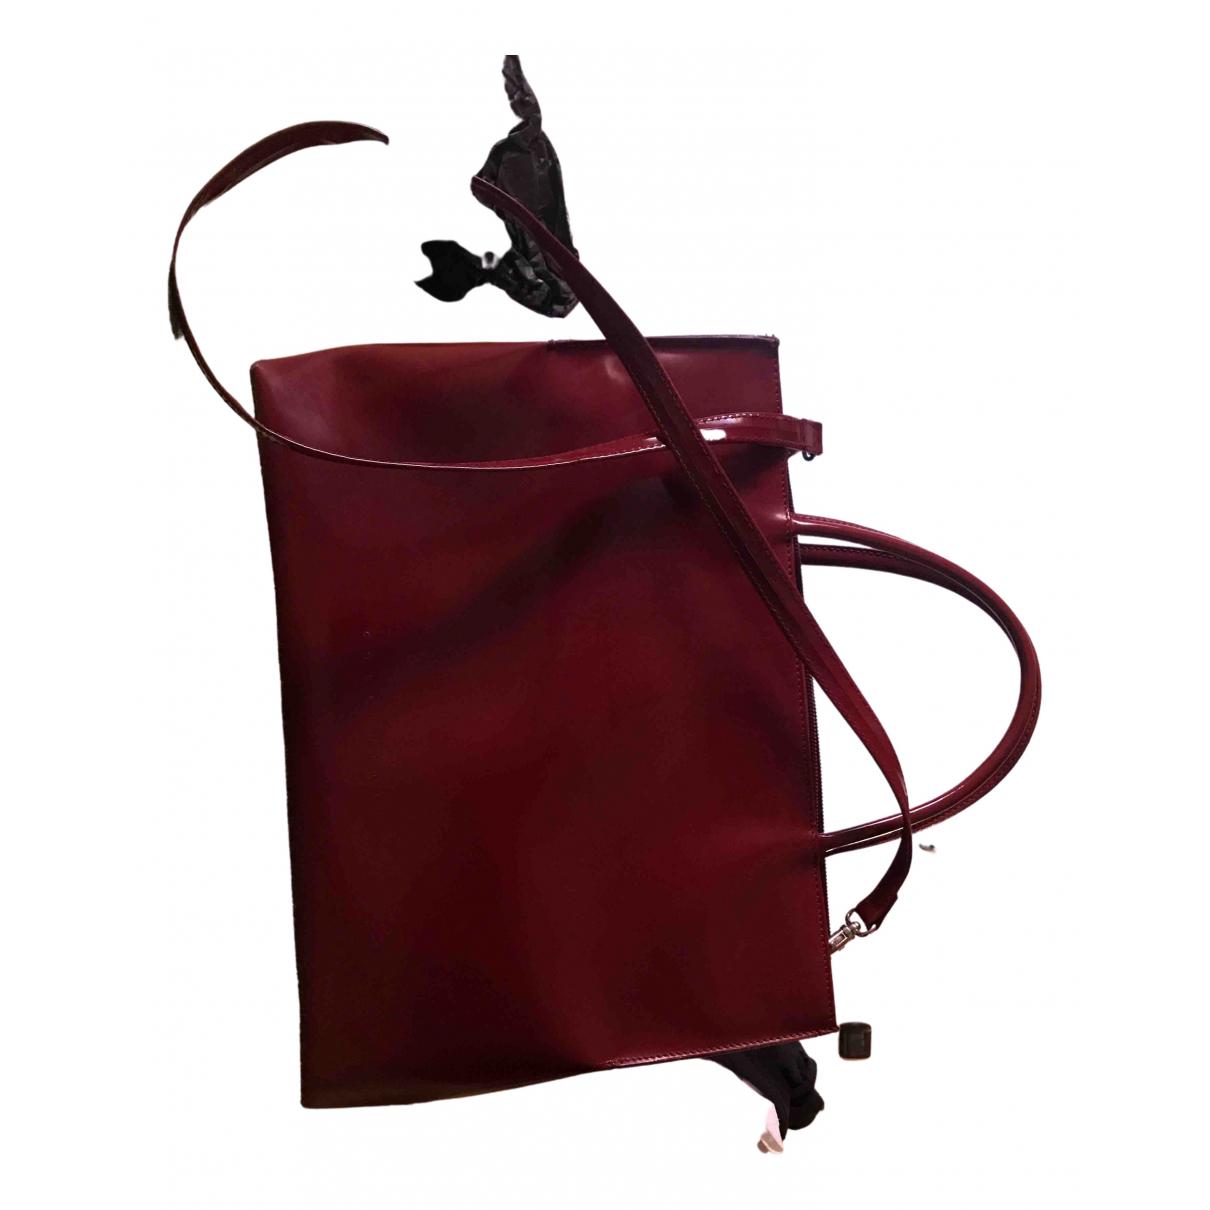 Coccinelle - Sac a main   pour femme en cuir verni - rouge